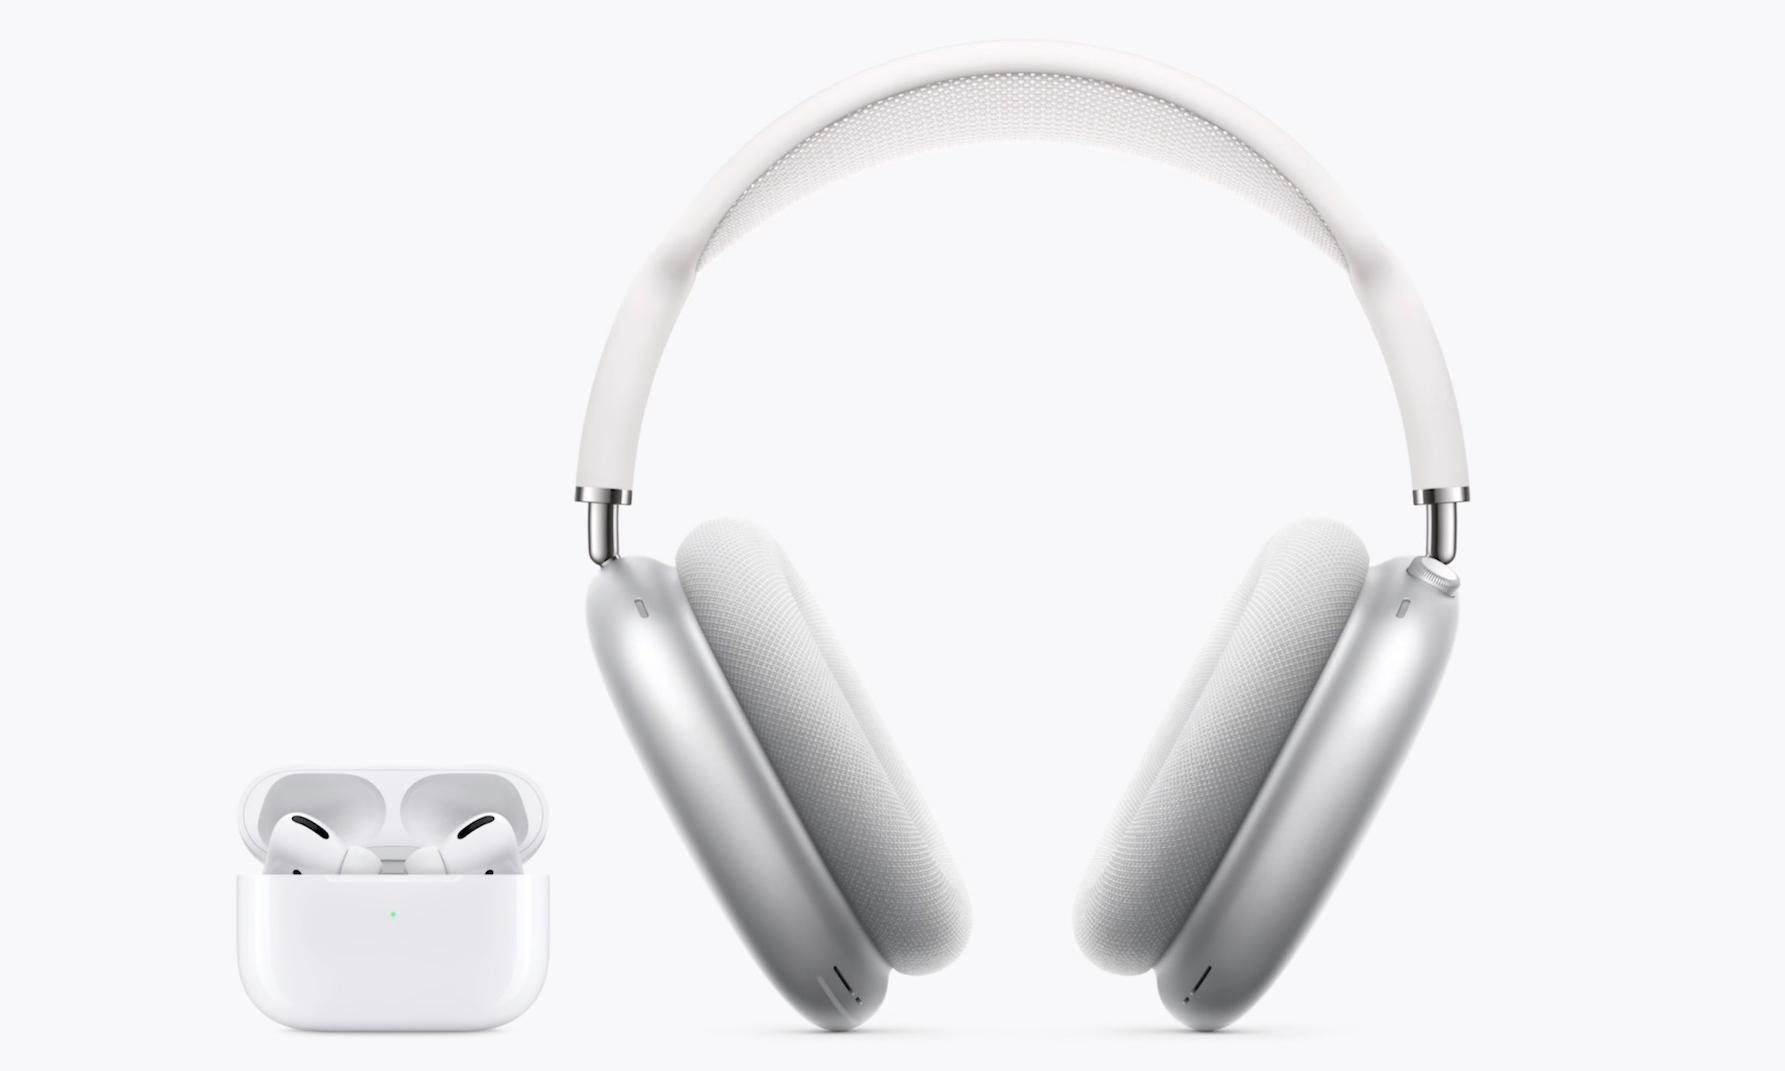 iOS 15 Apple Music 空间音频已支持动态头部追踪